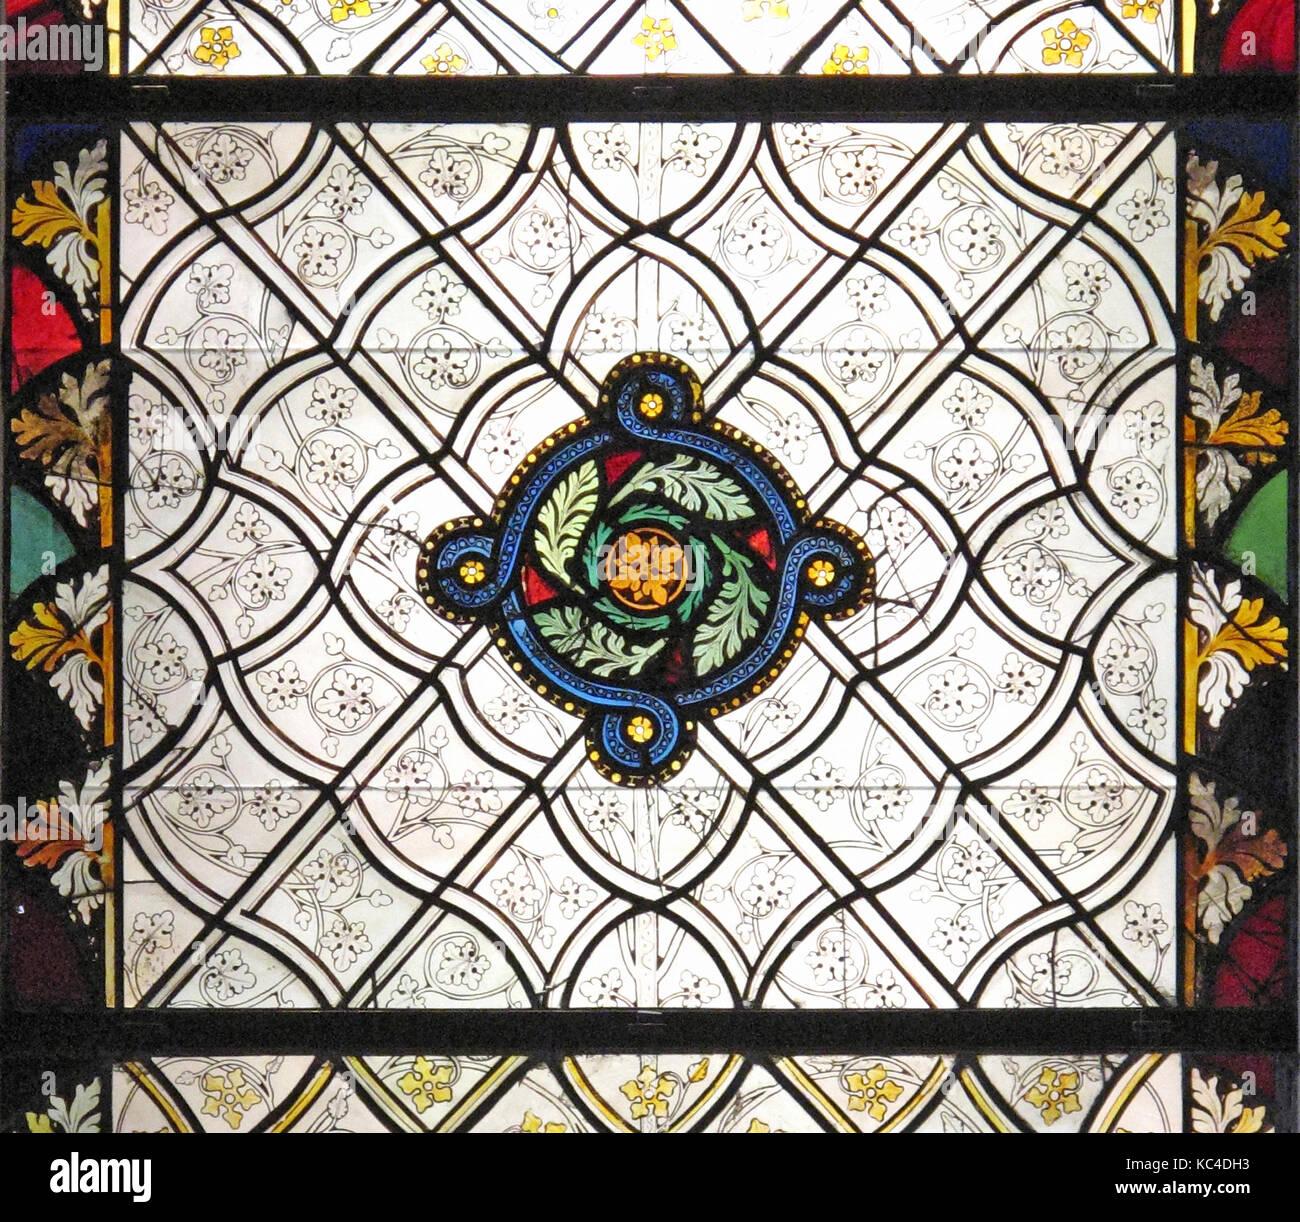 Chateau de passion restored - 4 4